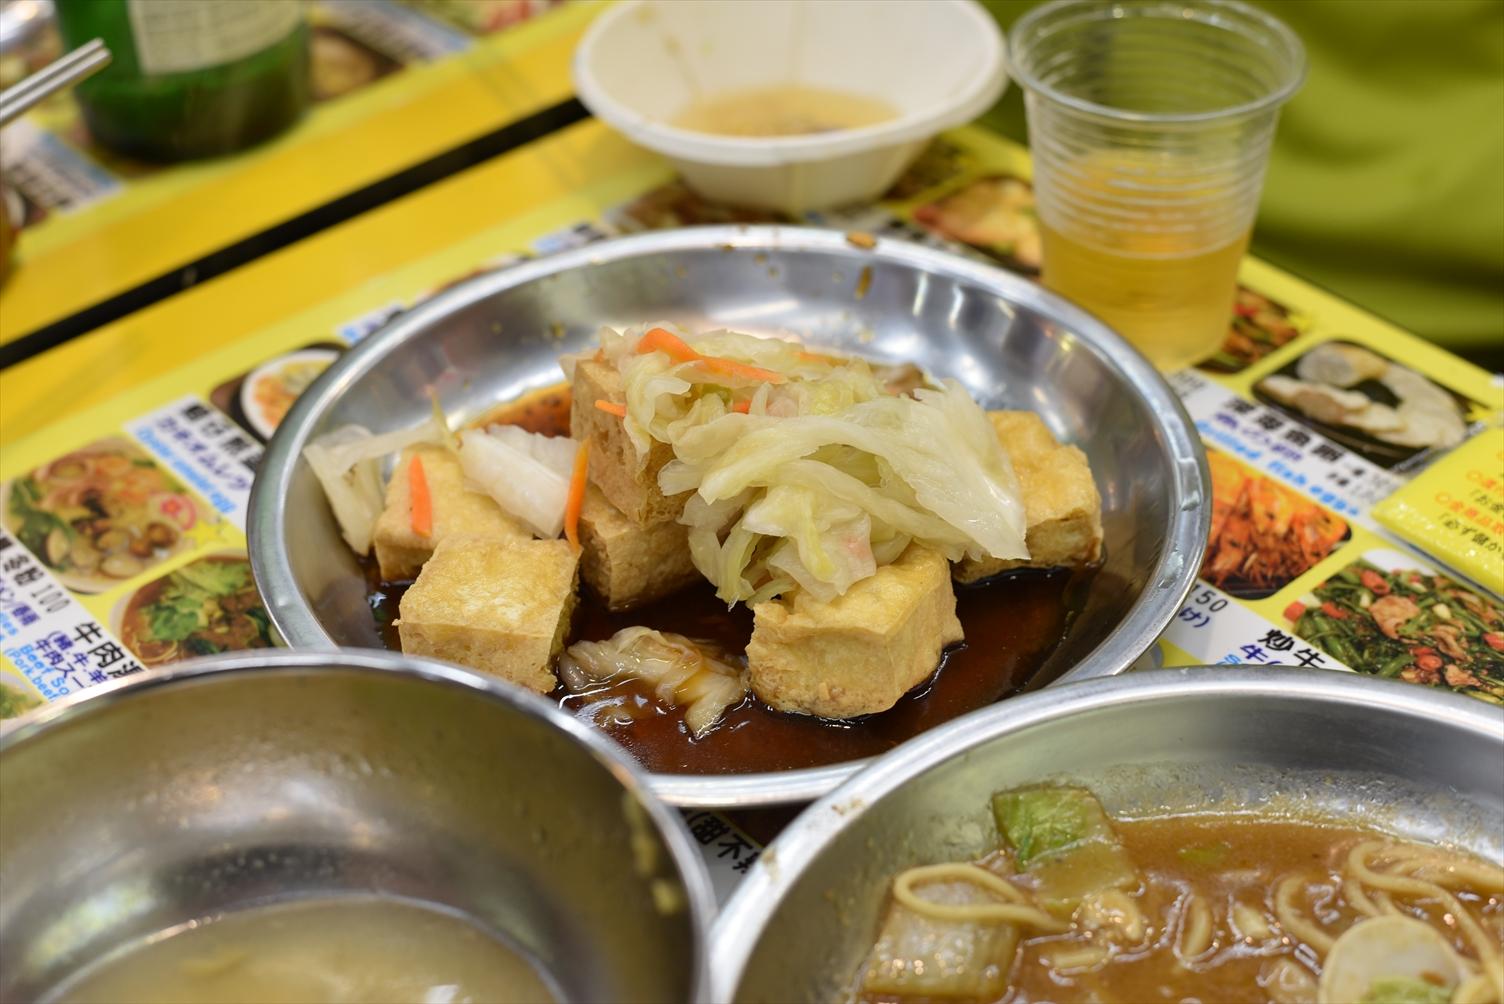 士林夜市 地下美食区 フードコート 臭豆腐